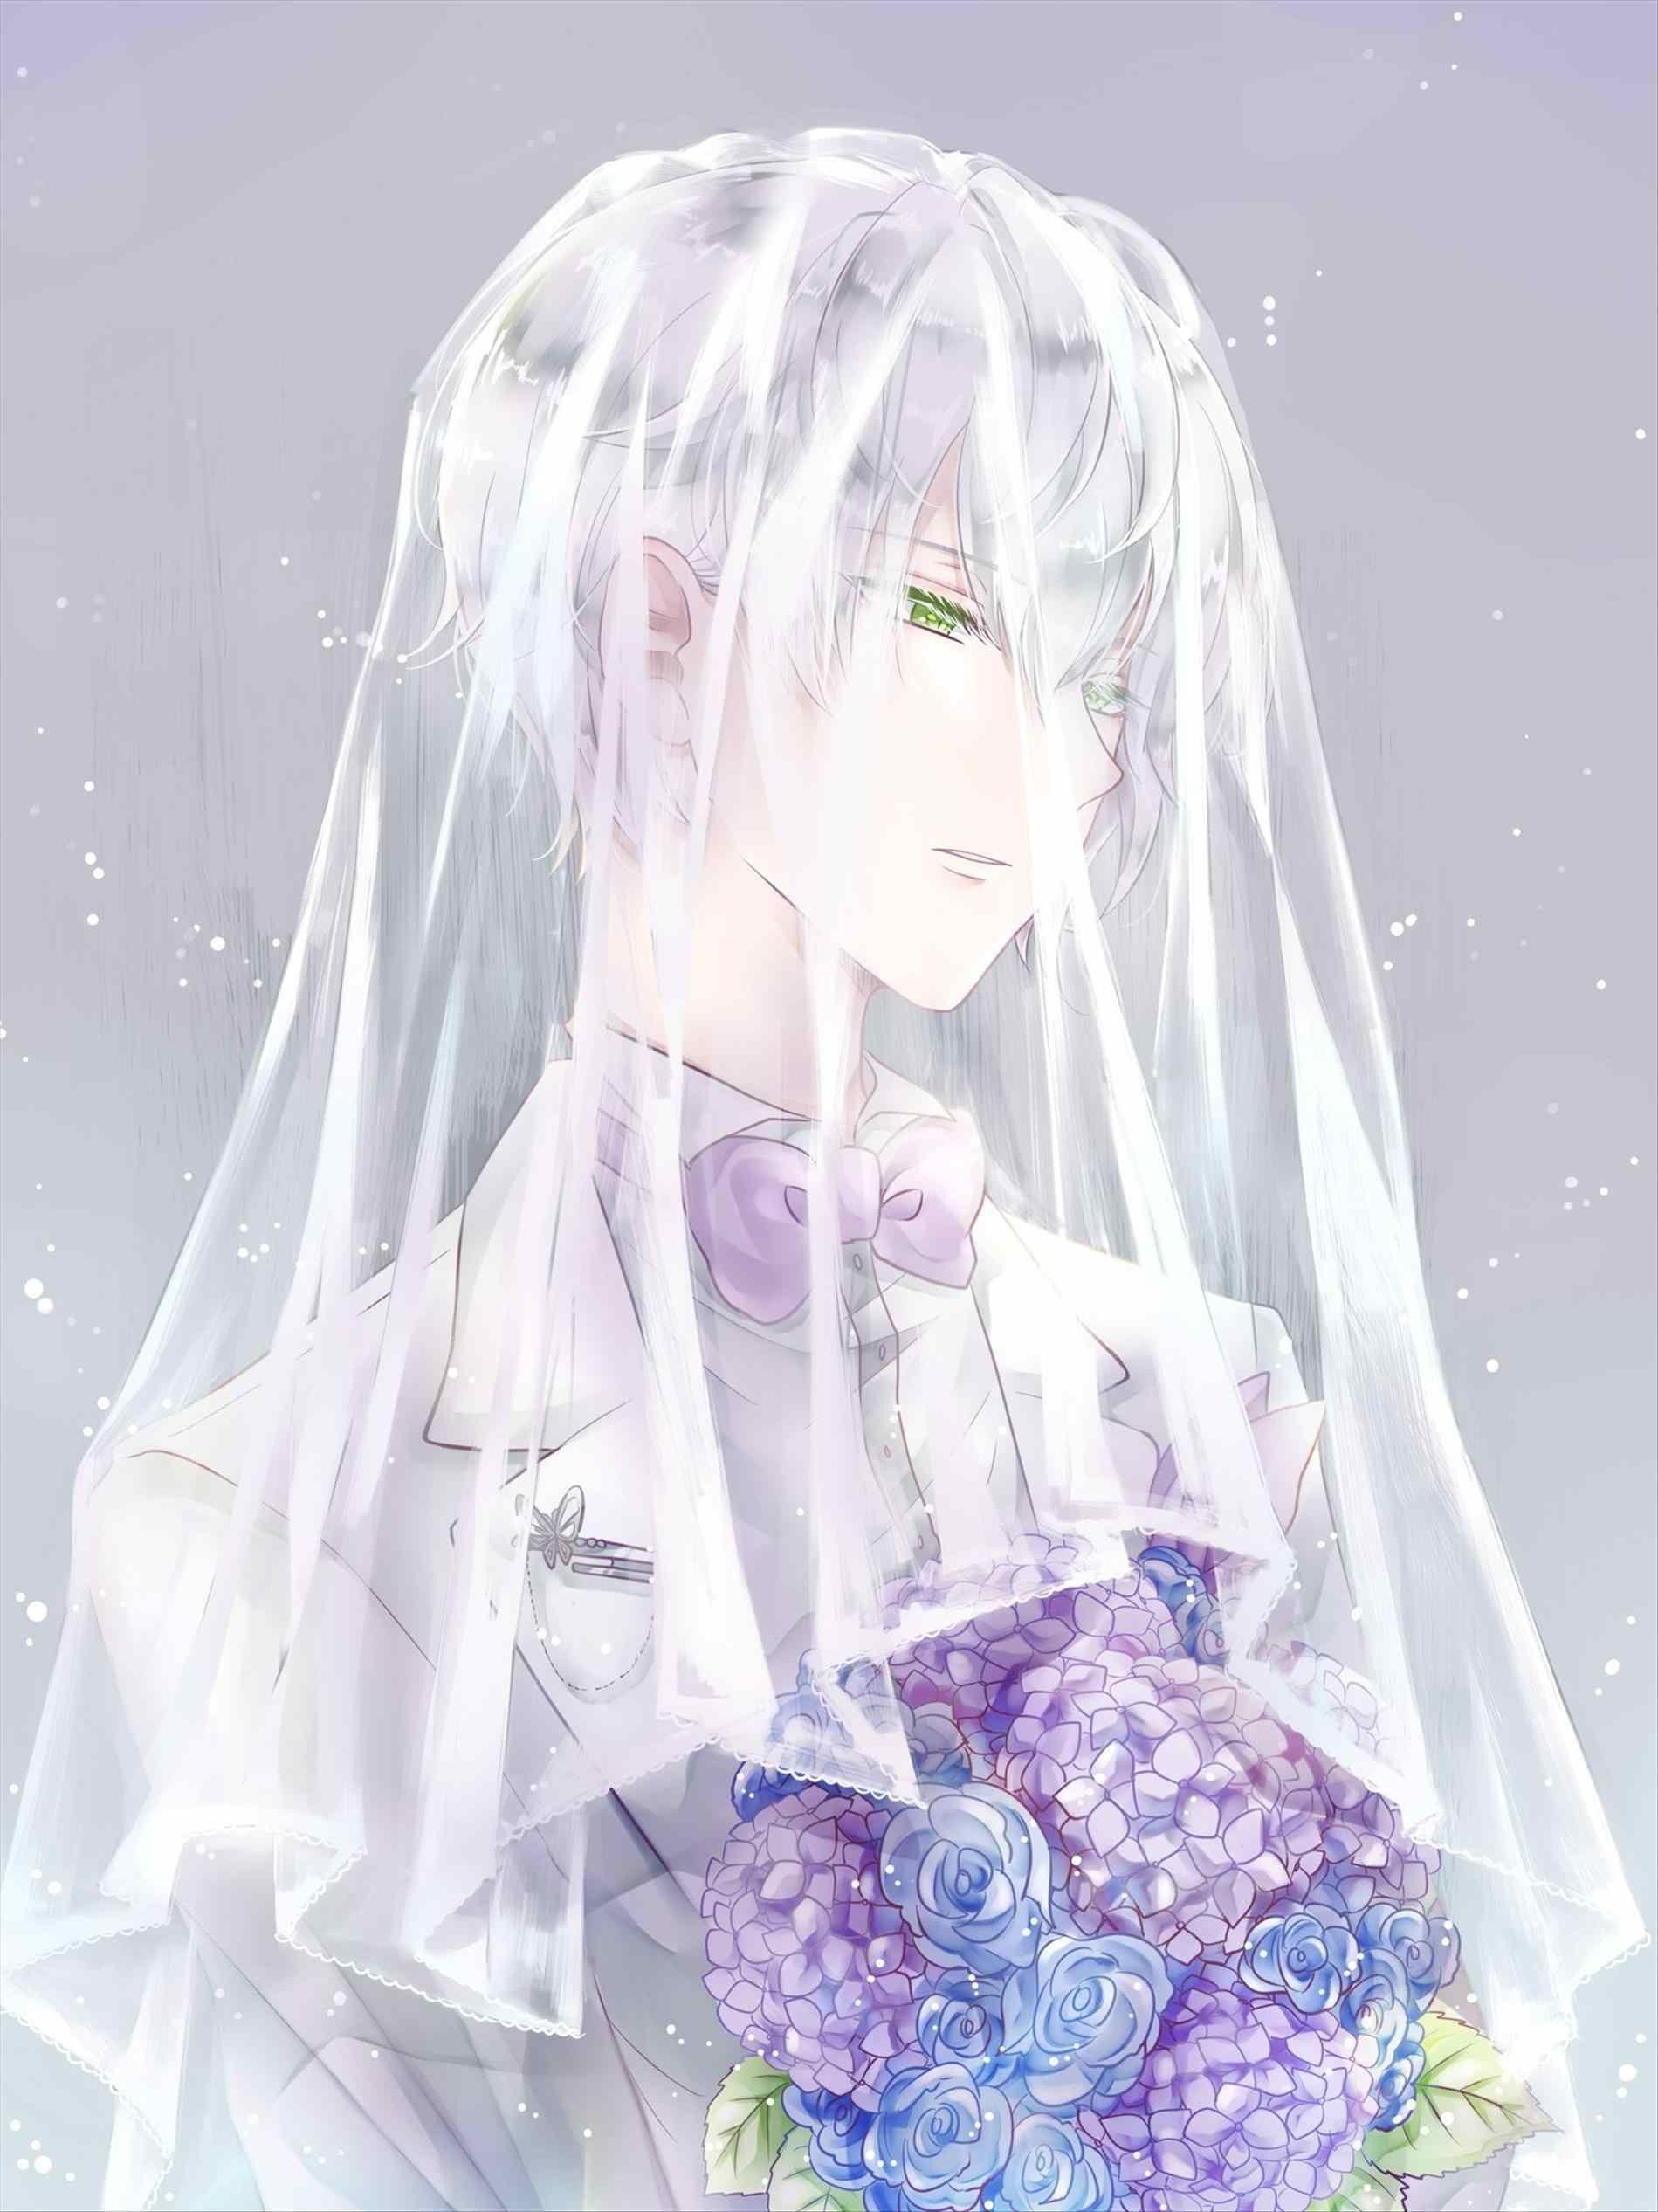 รูปภาพที่เกี่ยวข้อง  Tsukiuta the animation, Anime boy, Anime